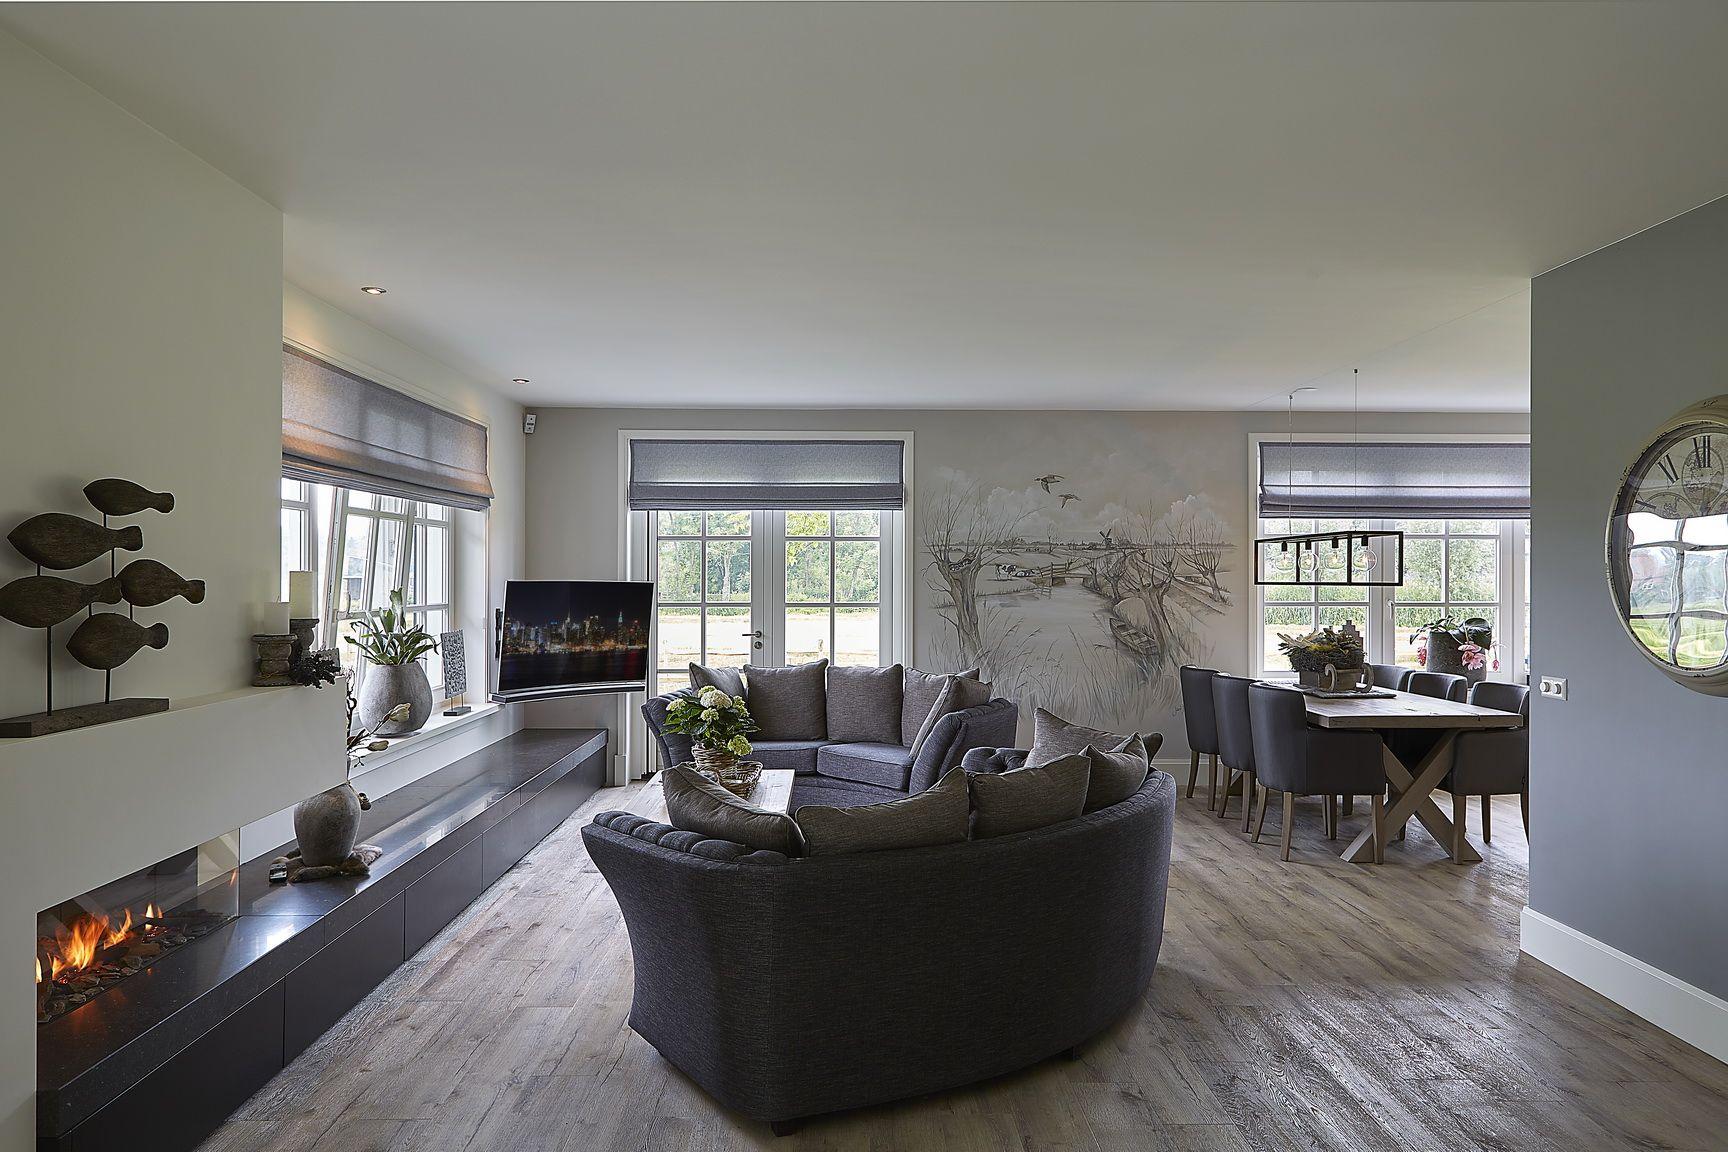 Witte Landelijke Woonkamer : Living woonkamer interieur gashaard muurschildering houten vloer